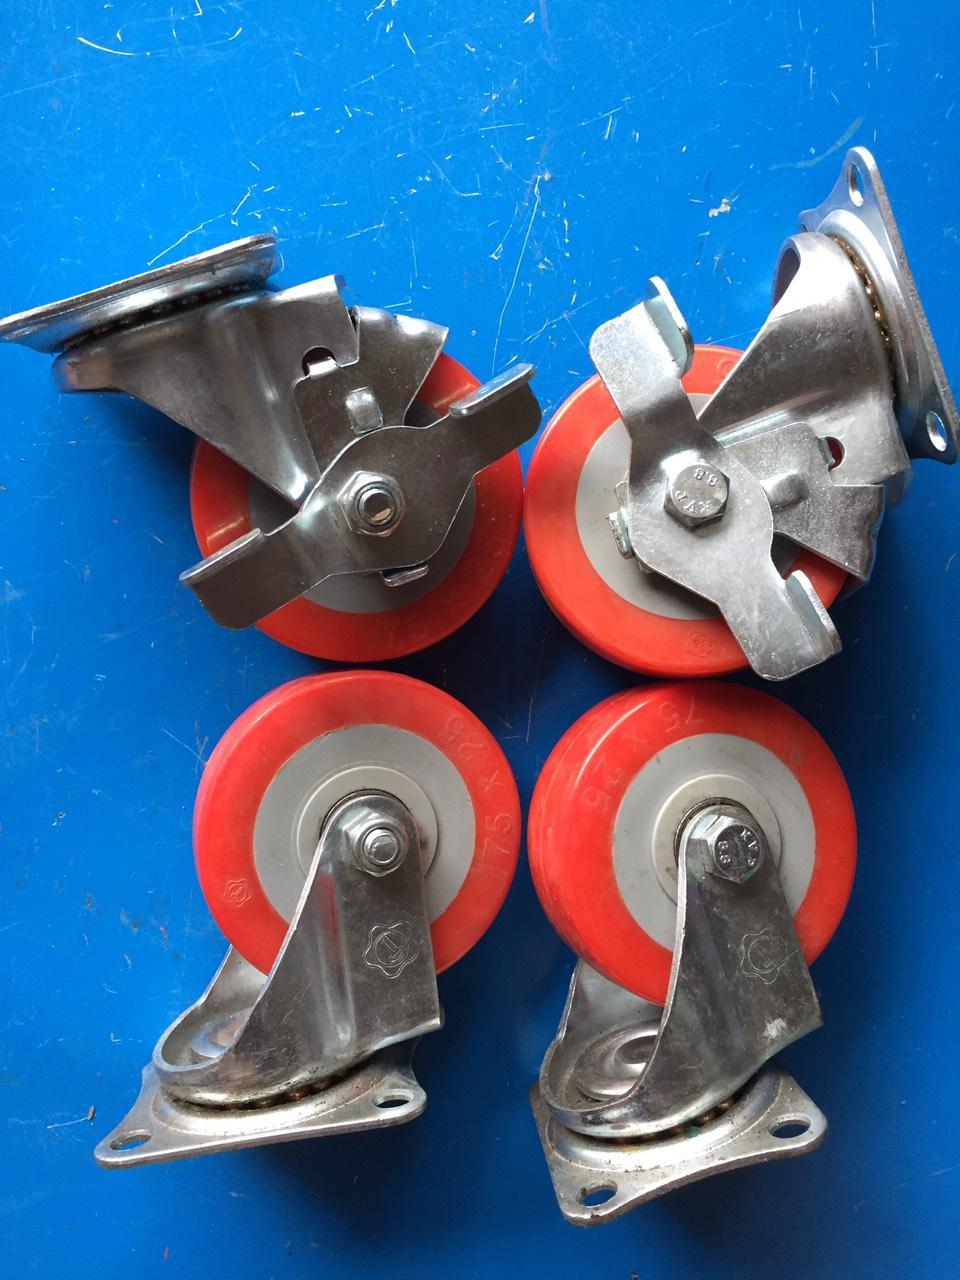 Bánh xe, bánh xe đẩy hàng đường kinh 8cm, bộ 4 bánh xe 75x25 đỏ ( 2 khóa 2 xoay), bộ bánh xe chịu tải 200kg